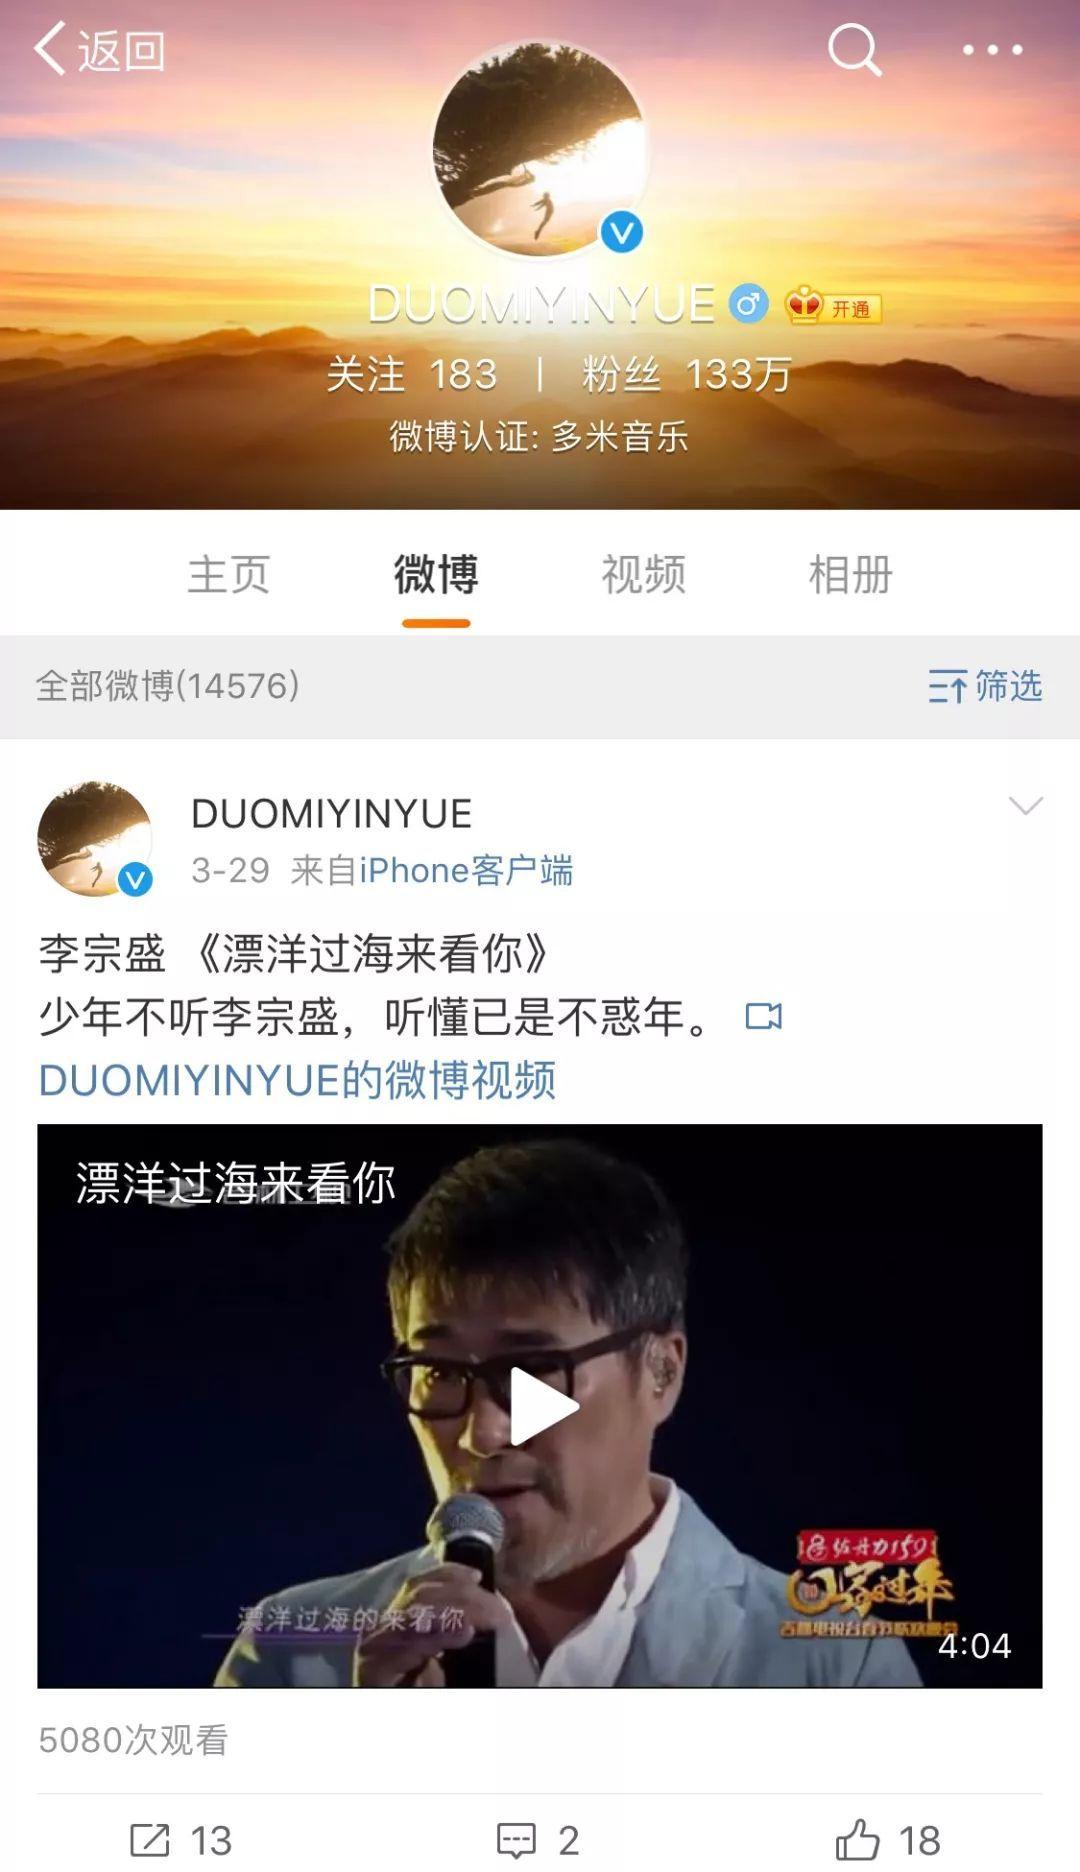 """多米音乐""""未死"""",App仍正常更新,微博账号疑似被盗"""